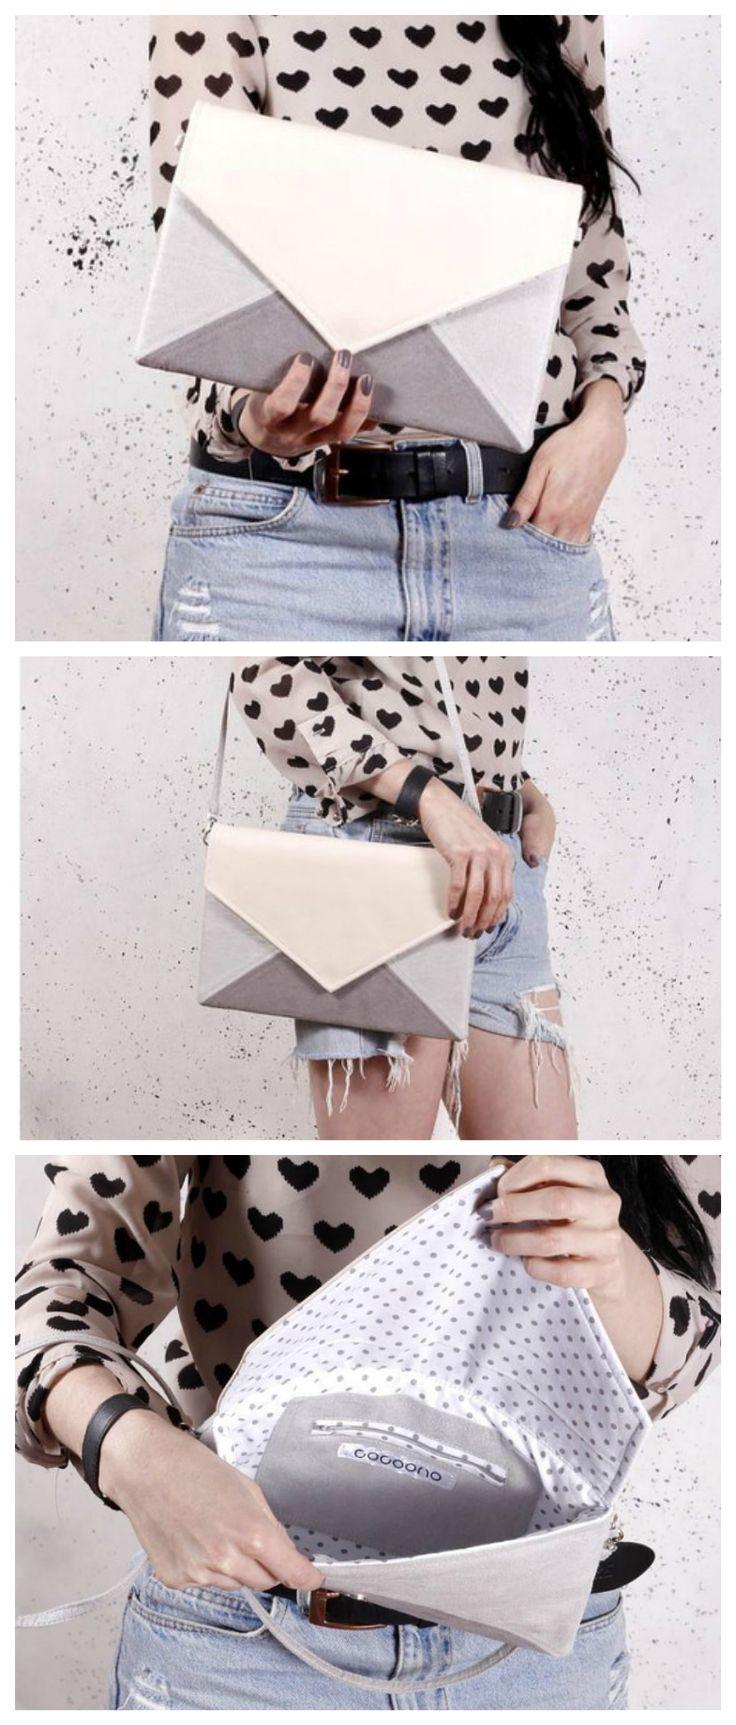 Geräumige Kuverttasche in Grau, Weiß und Pastell Pink, kann als Schultertasche oder Clutch verwendet werden/ big envelope clutch in white, grey and light pink made by cocoono via DaWanda.com